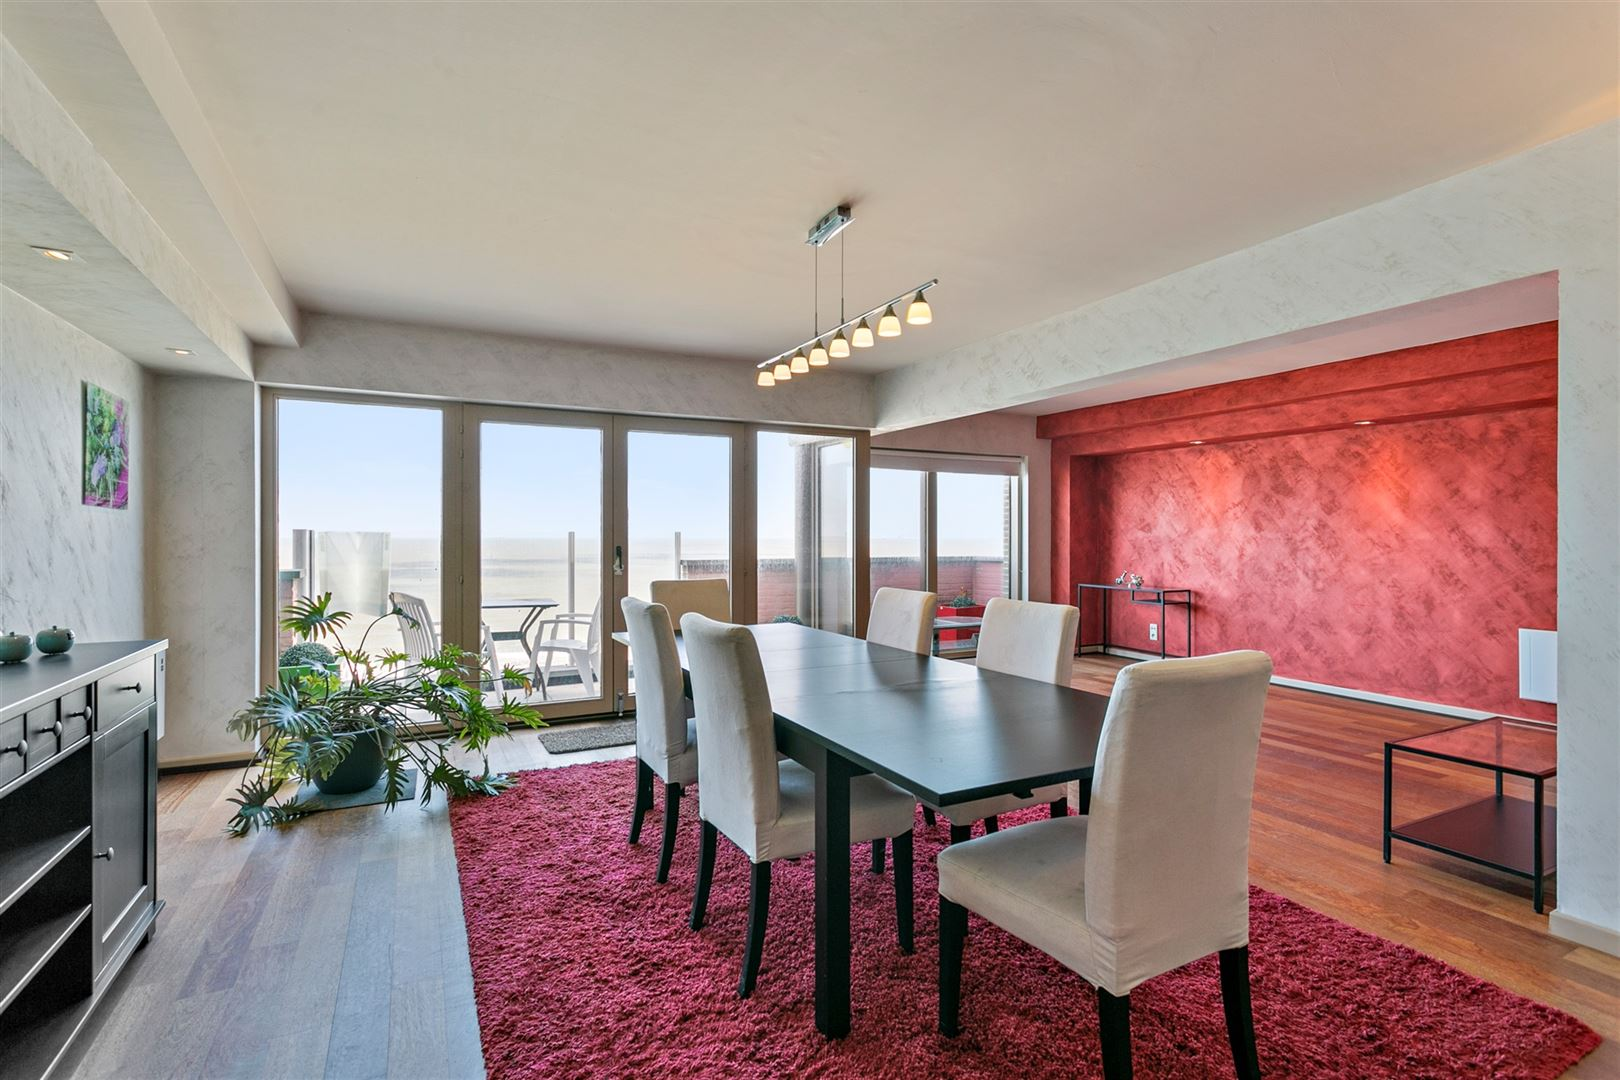 <a class='showAction btn-primary btn' href='/nl/vastgoed/1/bz621/appartement-penthouse-blankenberge-te-koop-herverkoop-3-slaapkamers-zeedijk-108'>Ontdek deze aanbieding »</a>